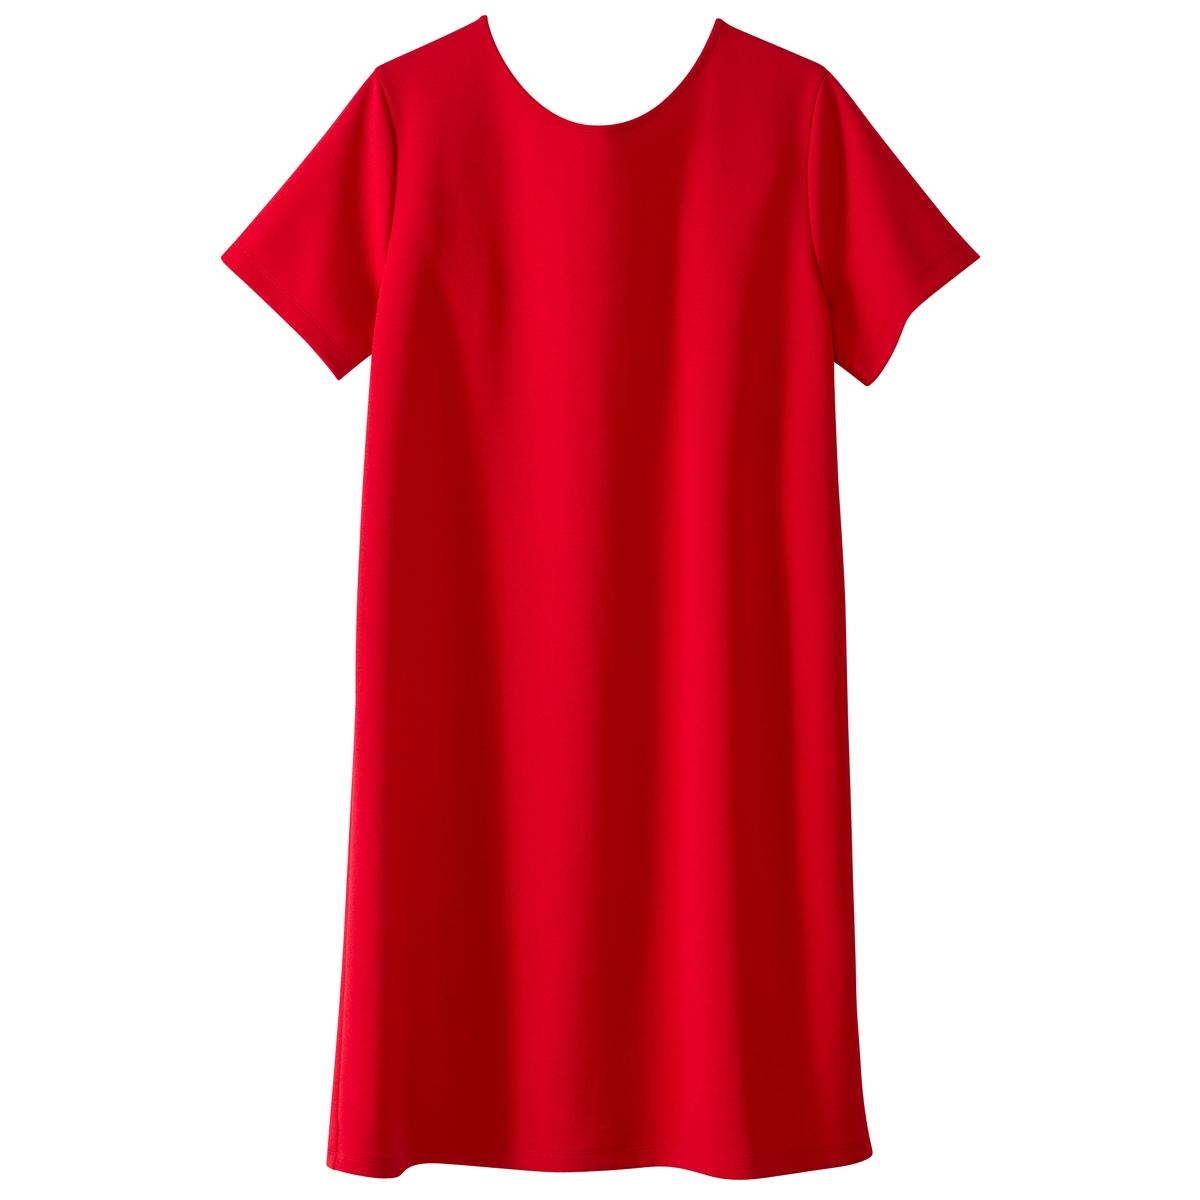 Платье с короткими рукавами, оригинальная спинкаМатериал : 97% полиэстера, 3% эластана       Длина рукава : короткие рукава       Форма воротника : Круглый вырез      Покрой платья : платье прямого покроя   Рисунок : Однотонная модель        Длина платья : до колен      Стирка : машинная стирка при 30 °С на деликатном режиме      Уход : Температура глажки низкая / не отбеливать      Машинная сушка : машинная сушка запрещена      Глажка : Сухая (химическая) чистка запрещена<br><br>Цвет: красный,фиолетовый,черный<br>Размер: S.M.M.XL.S.M.XL.L